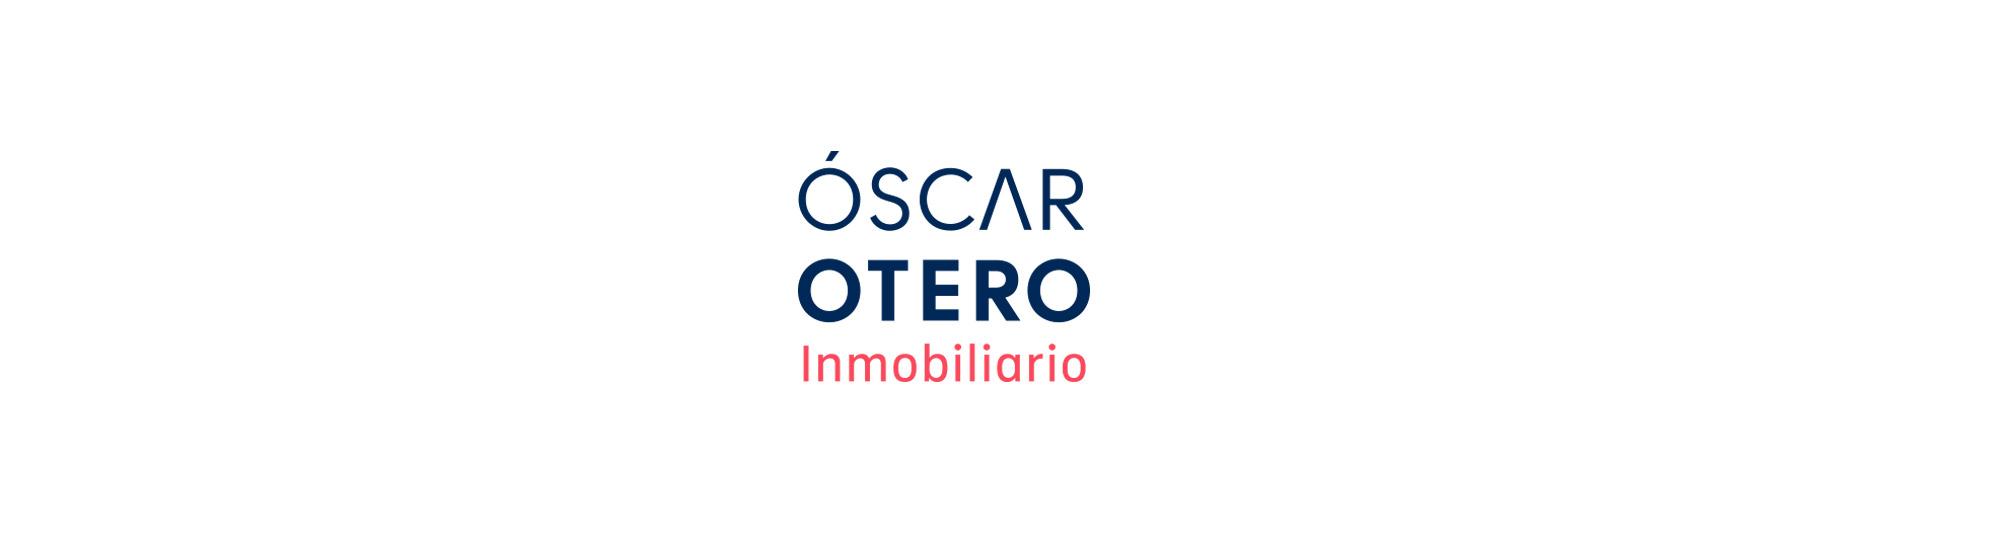 Diseño de marca personal para Óscar Otero, un emprendedor en el mundo inmobiliario